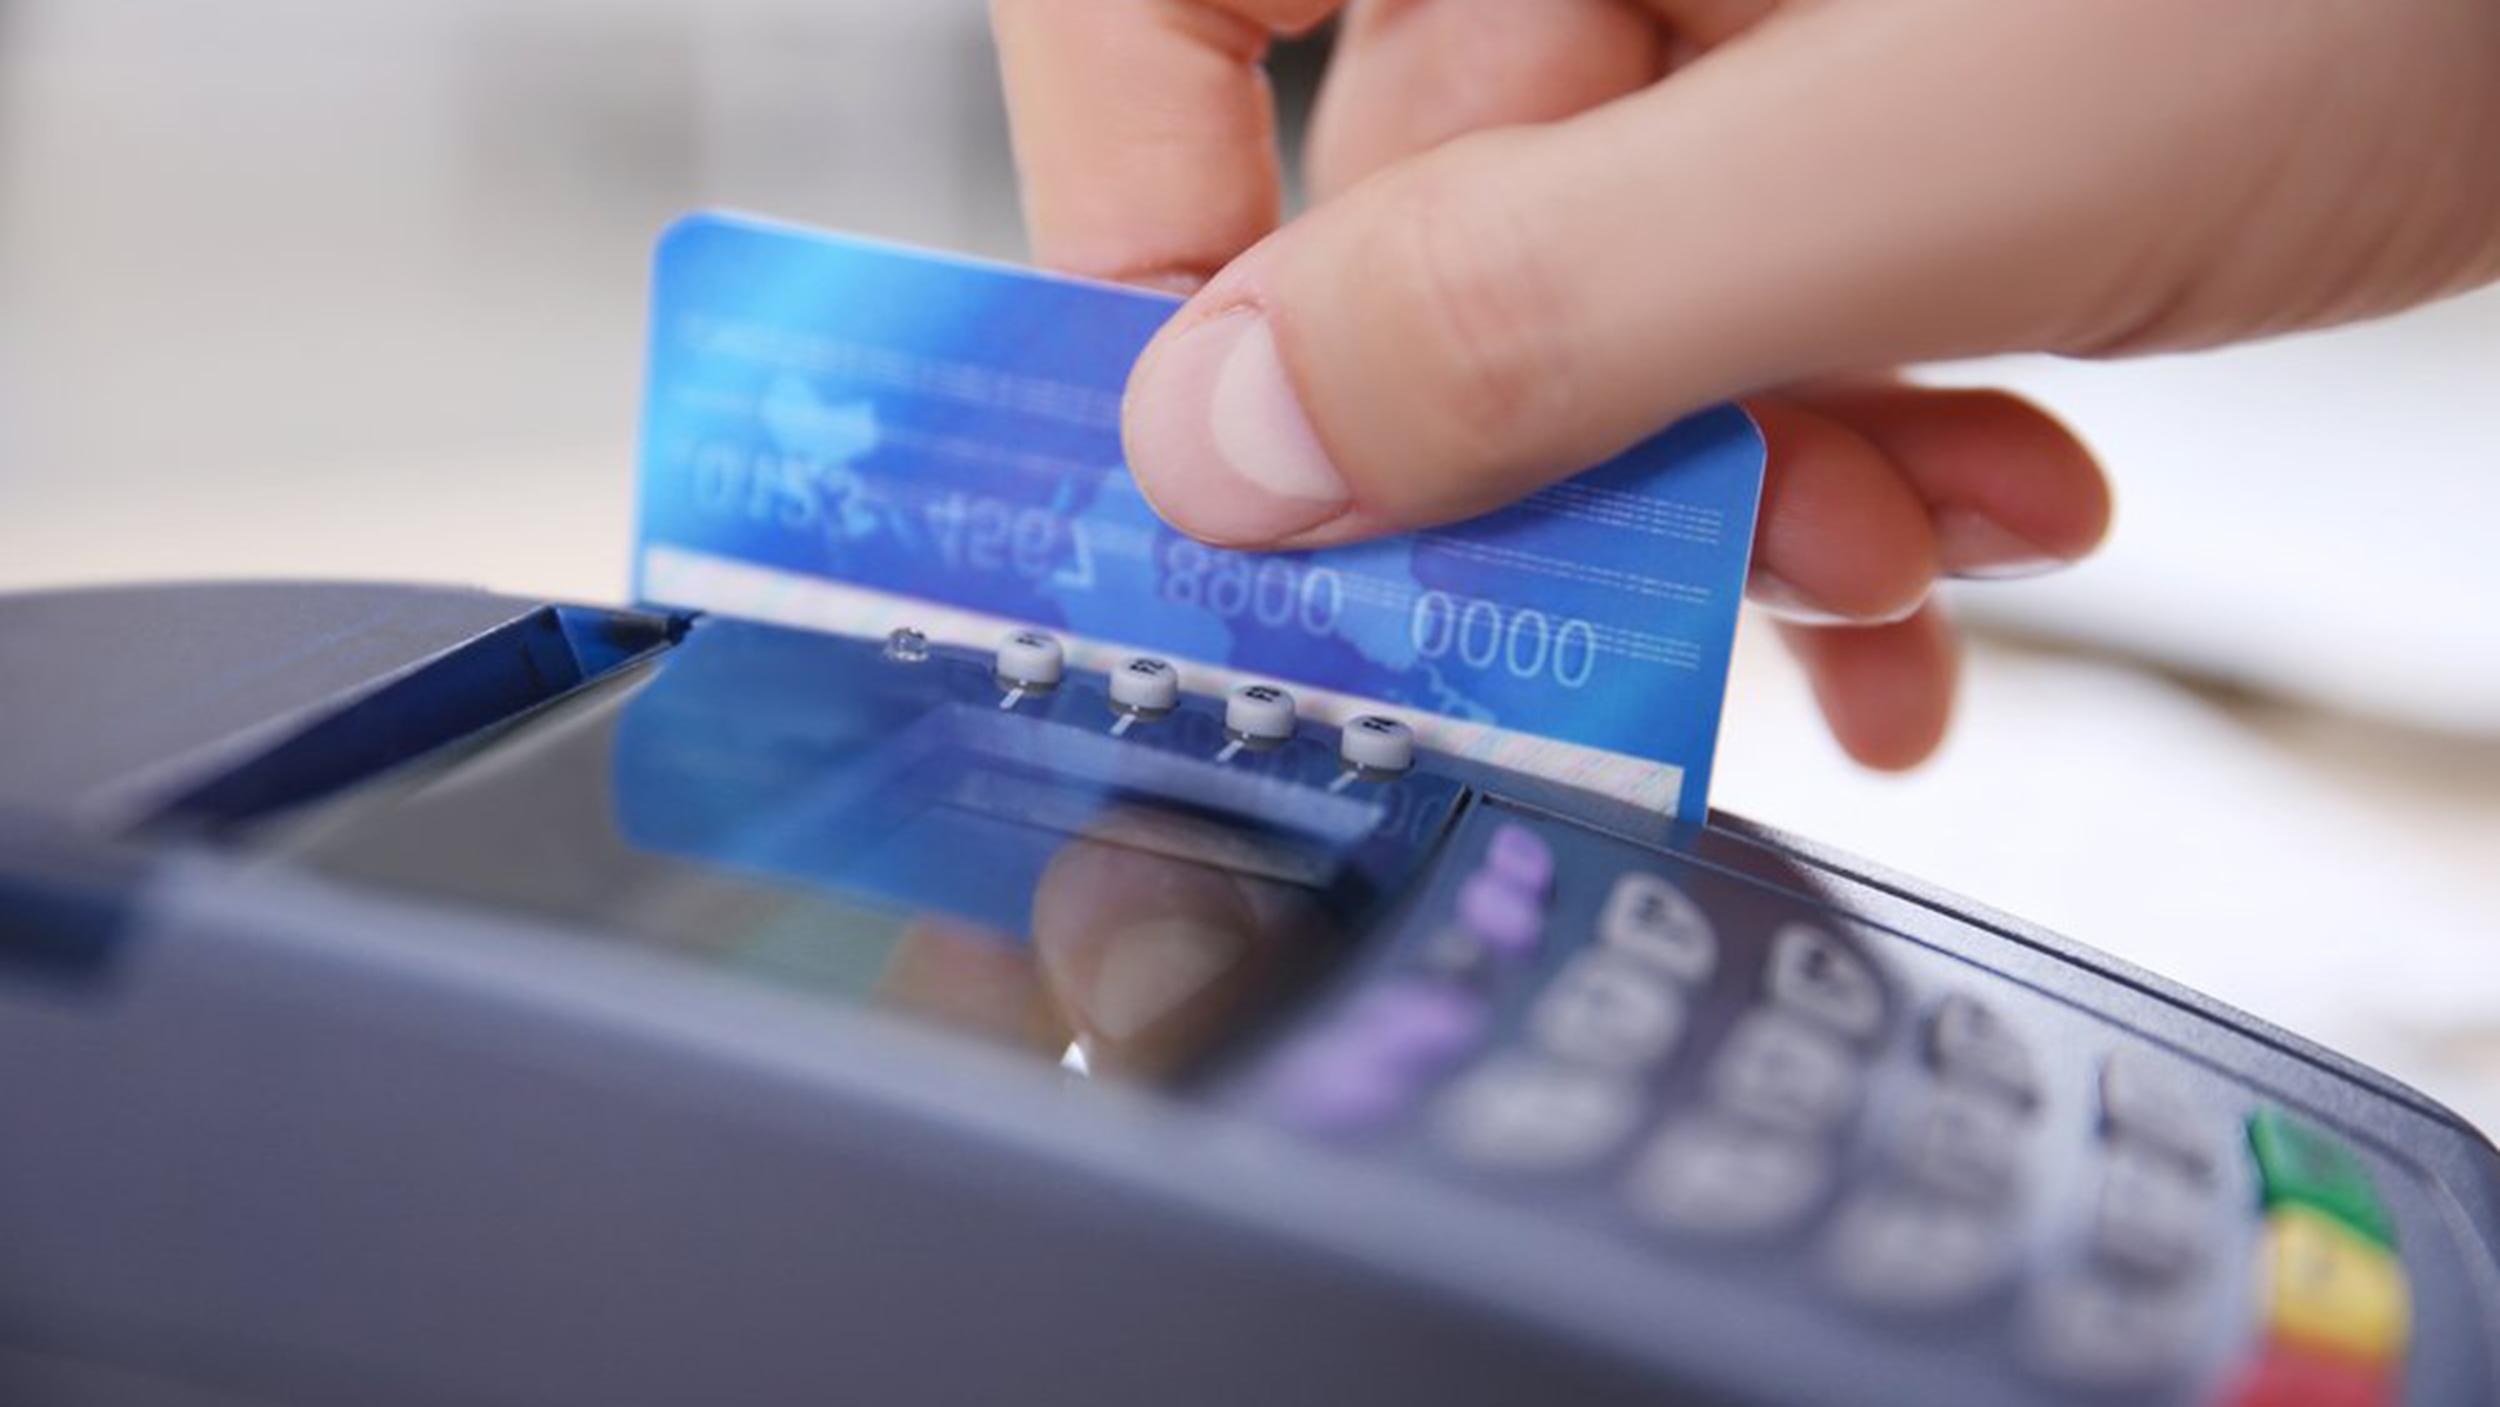 i owe a lot of credit card debt